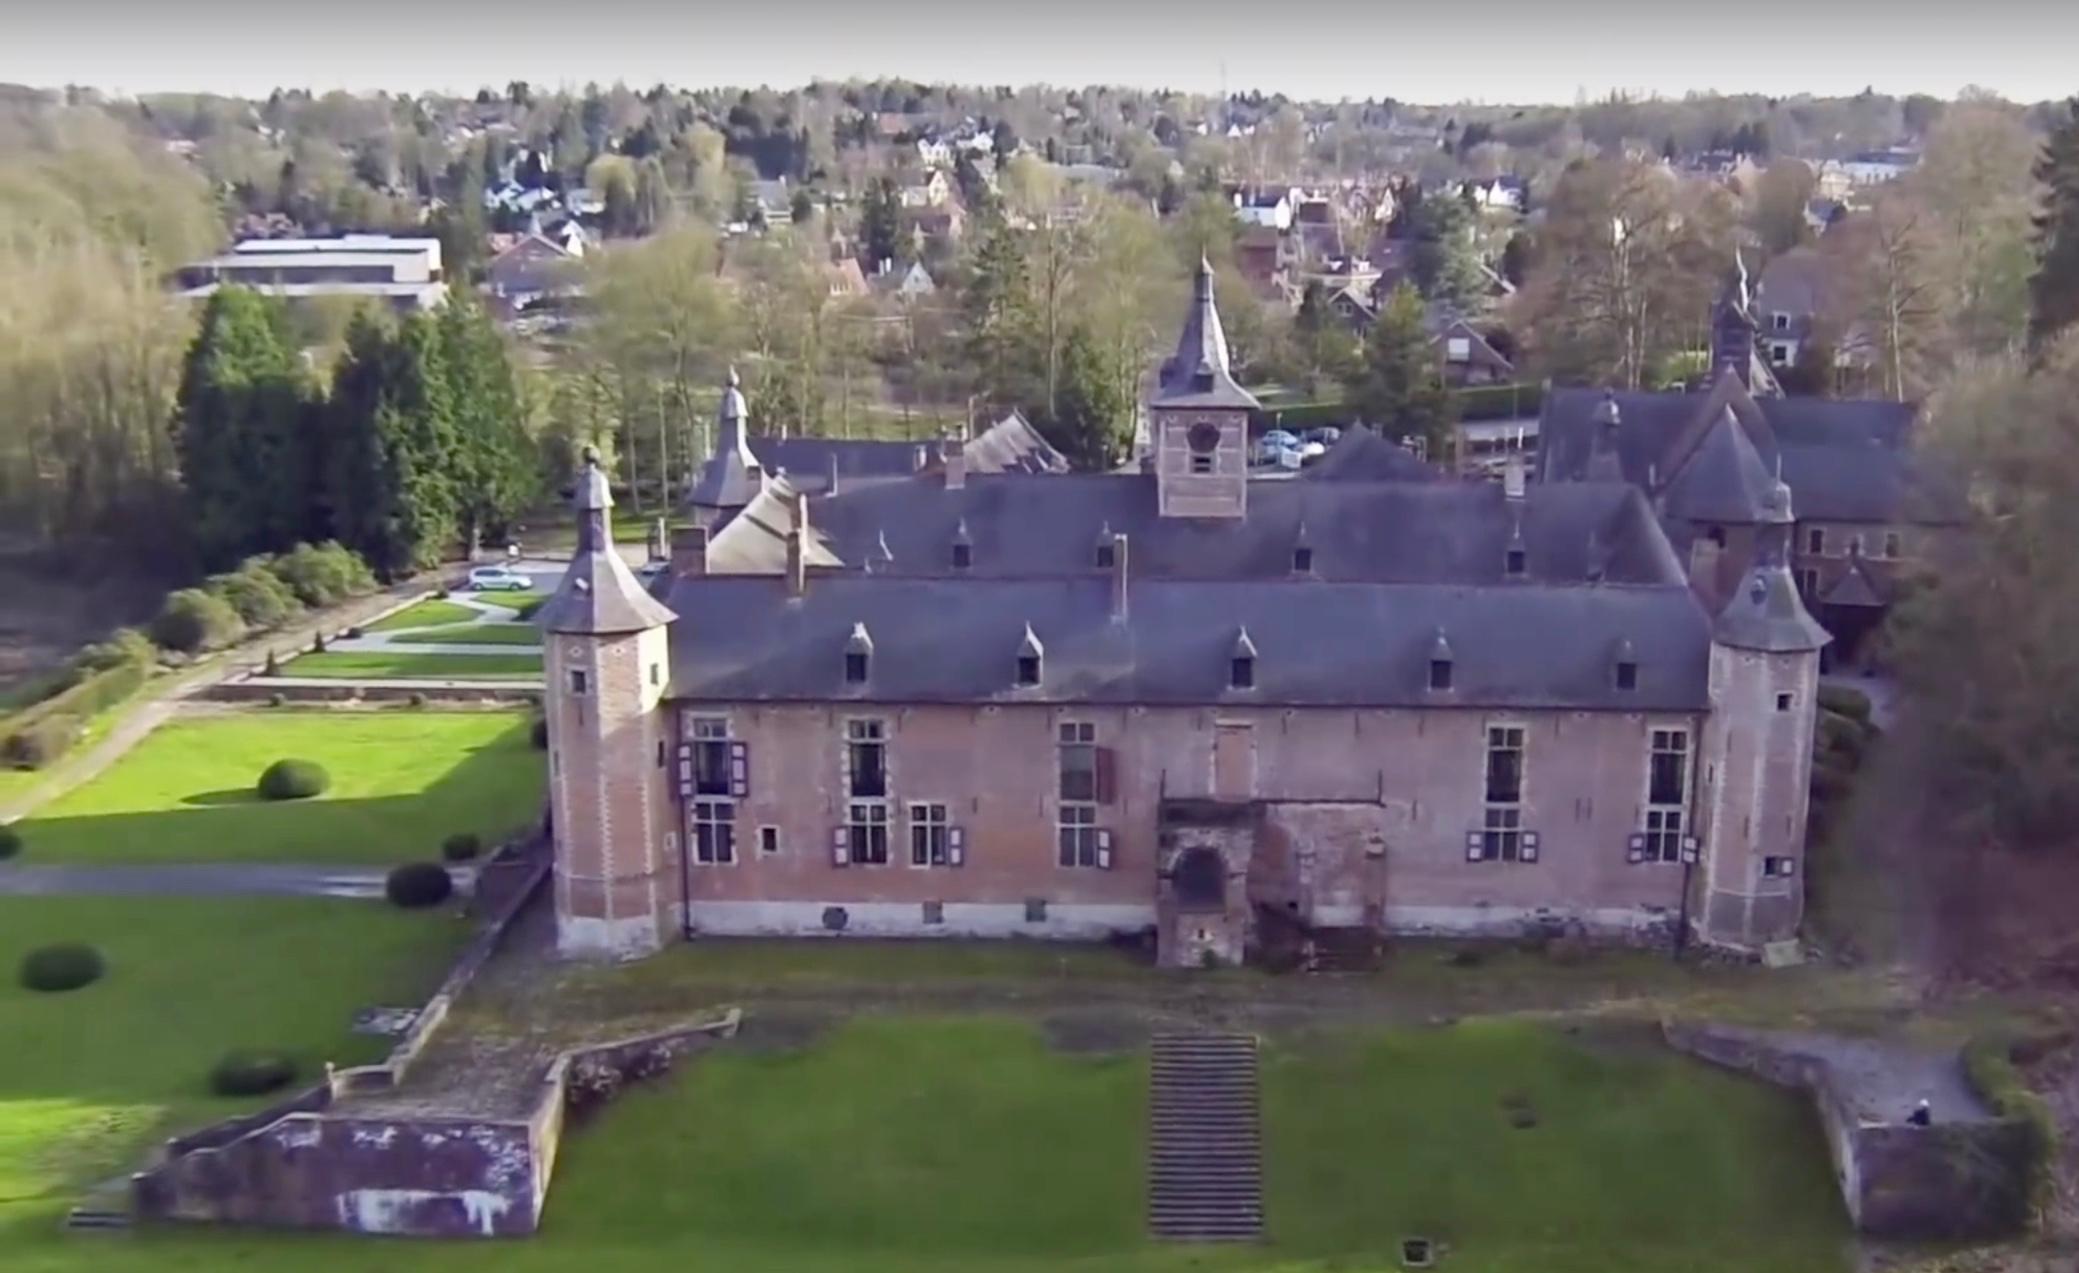 Château de Rixensart Extrait video réalisée en 2014 par SkySnap